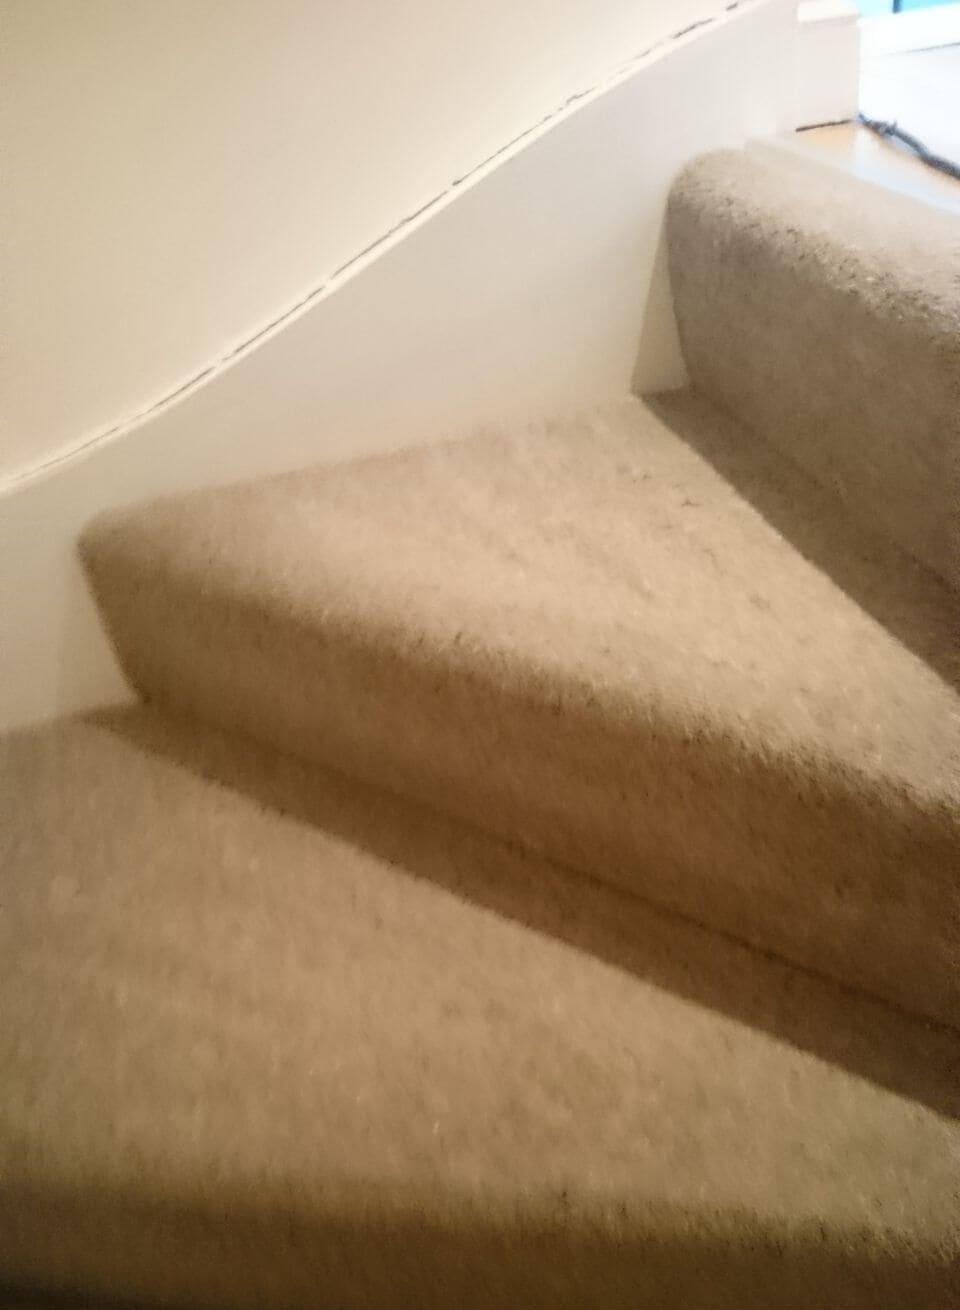 WC2 clean floor Aldwych